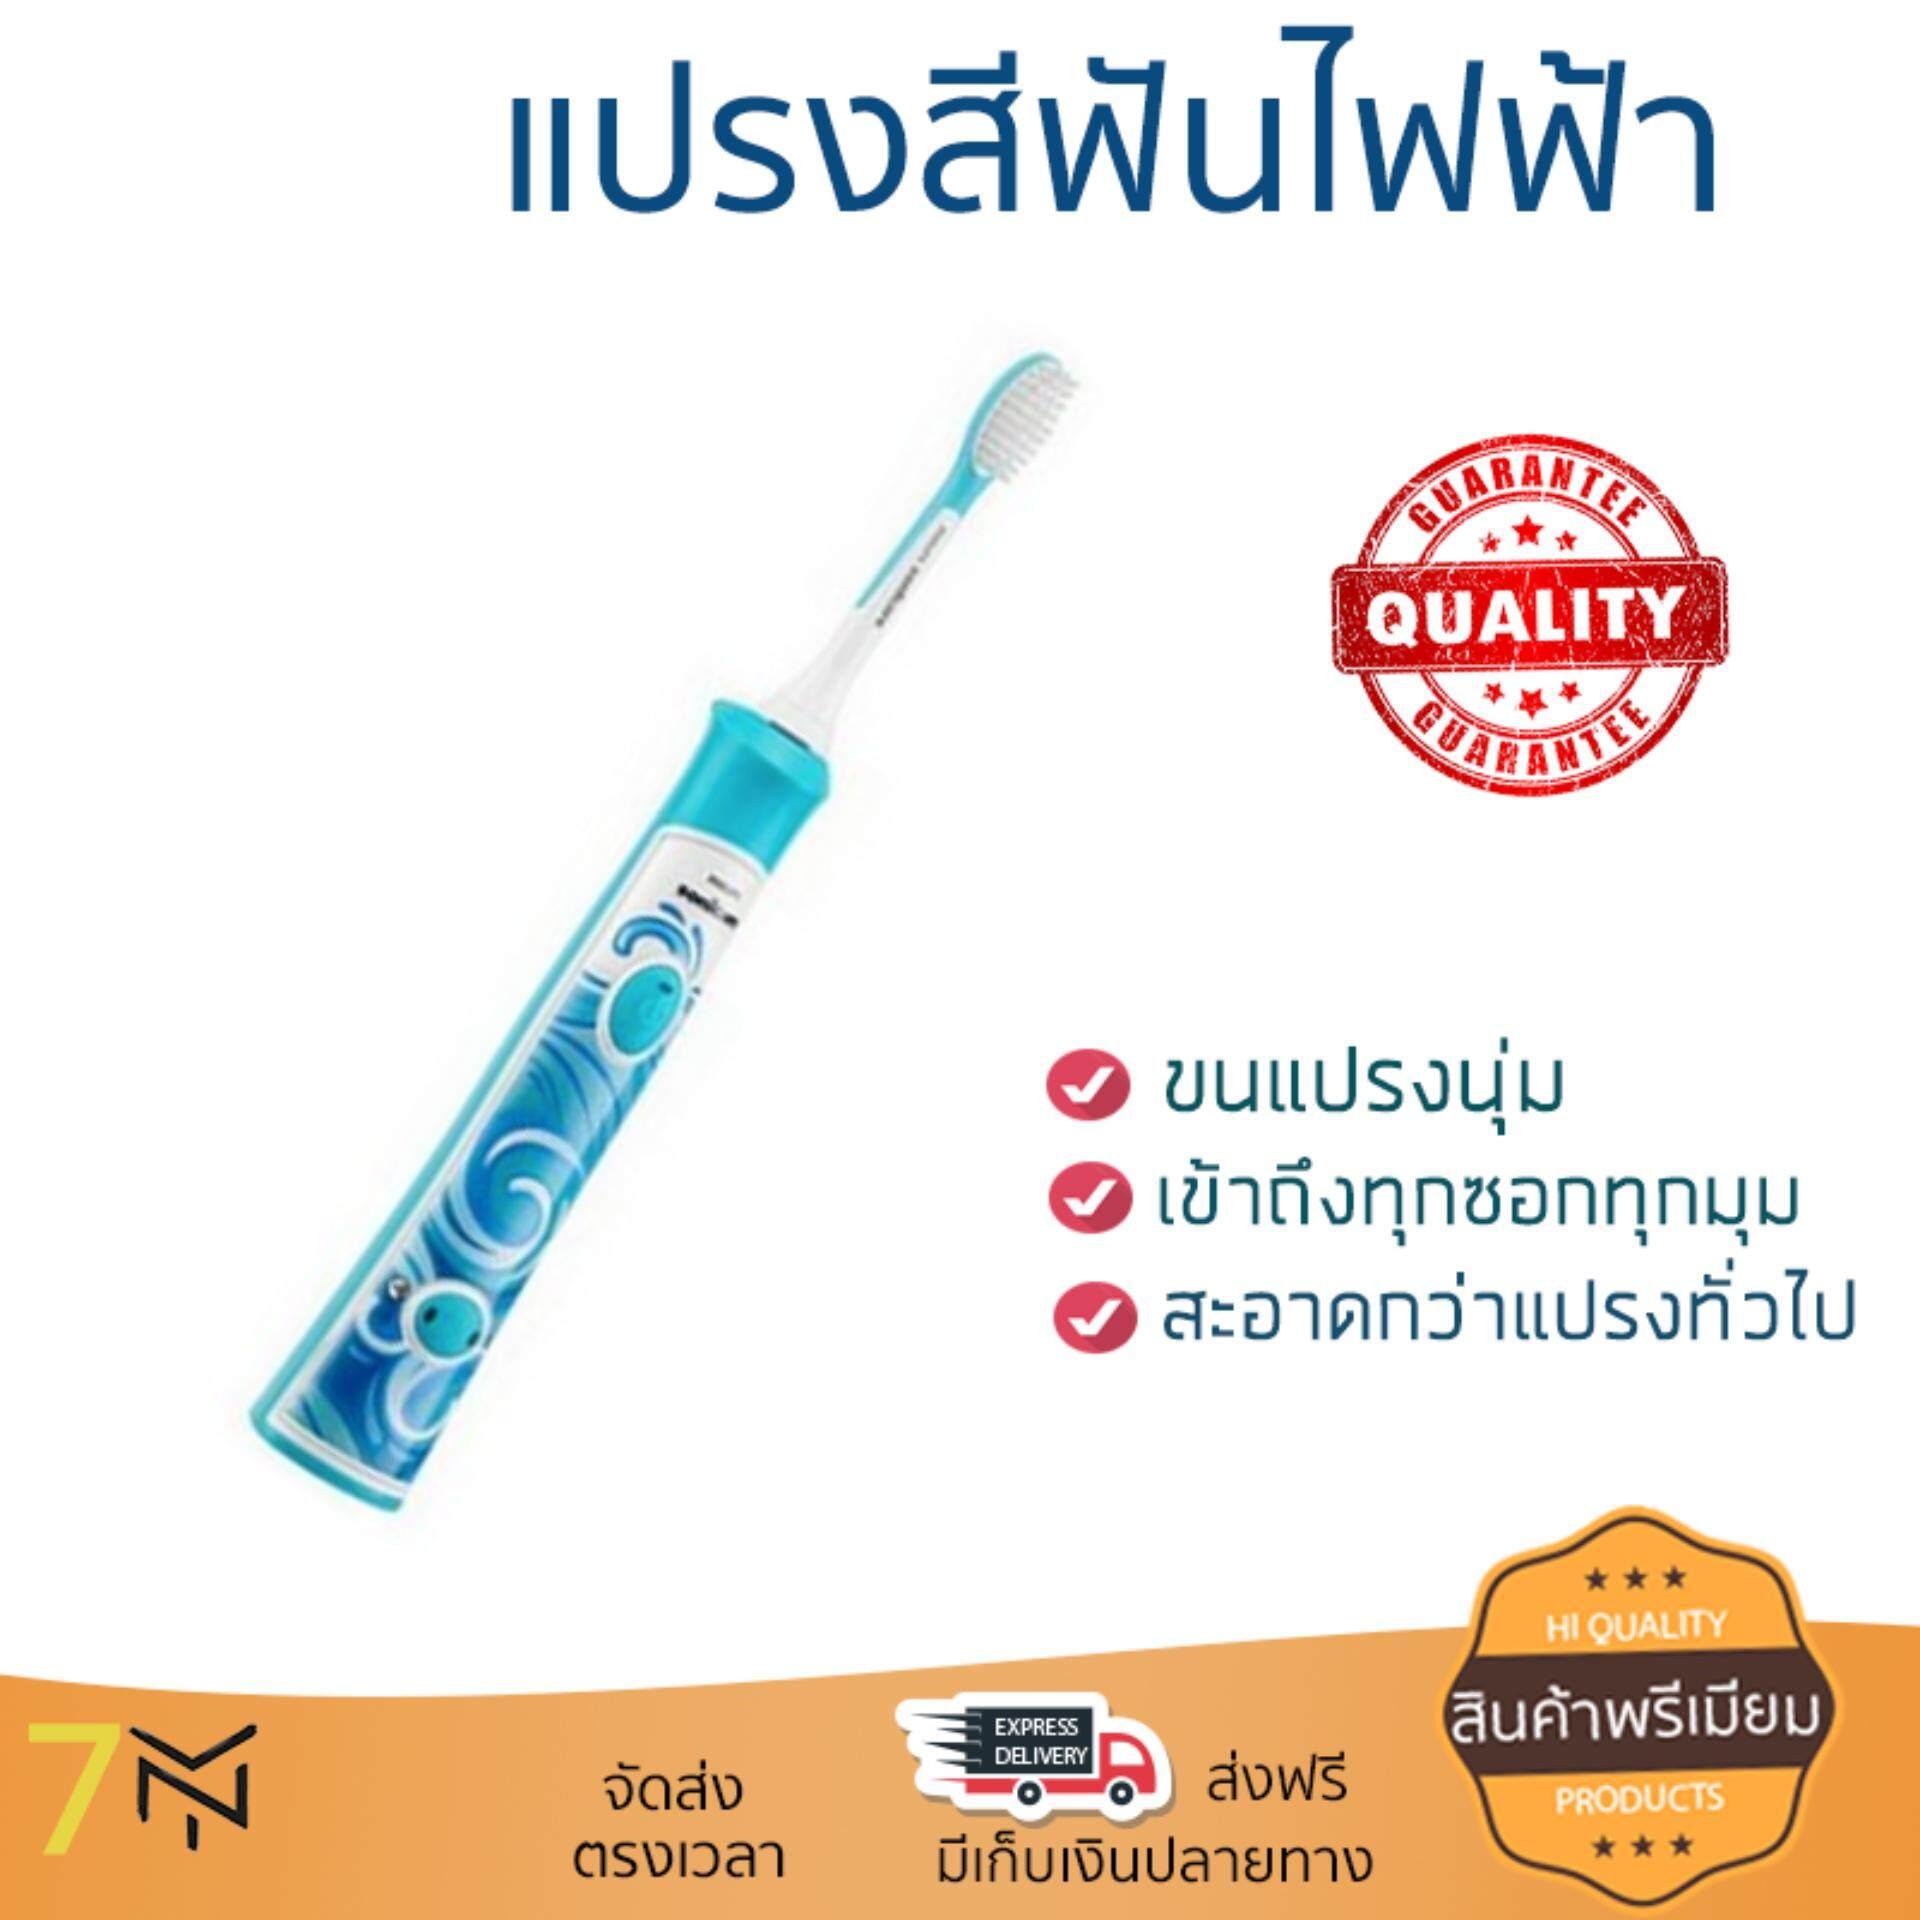 อ่างทอง รุ่นใหม่ล่าสุด แปรงสีฟัน แปรงสีฟันไฟฟ้า แปรงสีฟันไฟฟ้า PHILIPS HX6311 07 | PHILIPS | HX6311 07 สะดวก แปรงได้ลึกทุกซอกทุกมุม นุ่มนวล สะอาดกว่าแปรงทั่วไป Electric Toothbrushes จัดส่งฟรีทั่วประเทศ